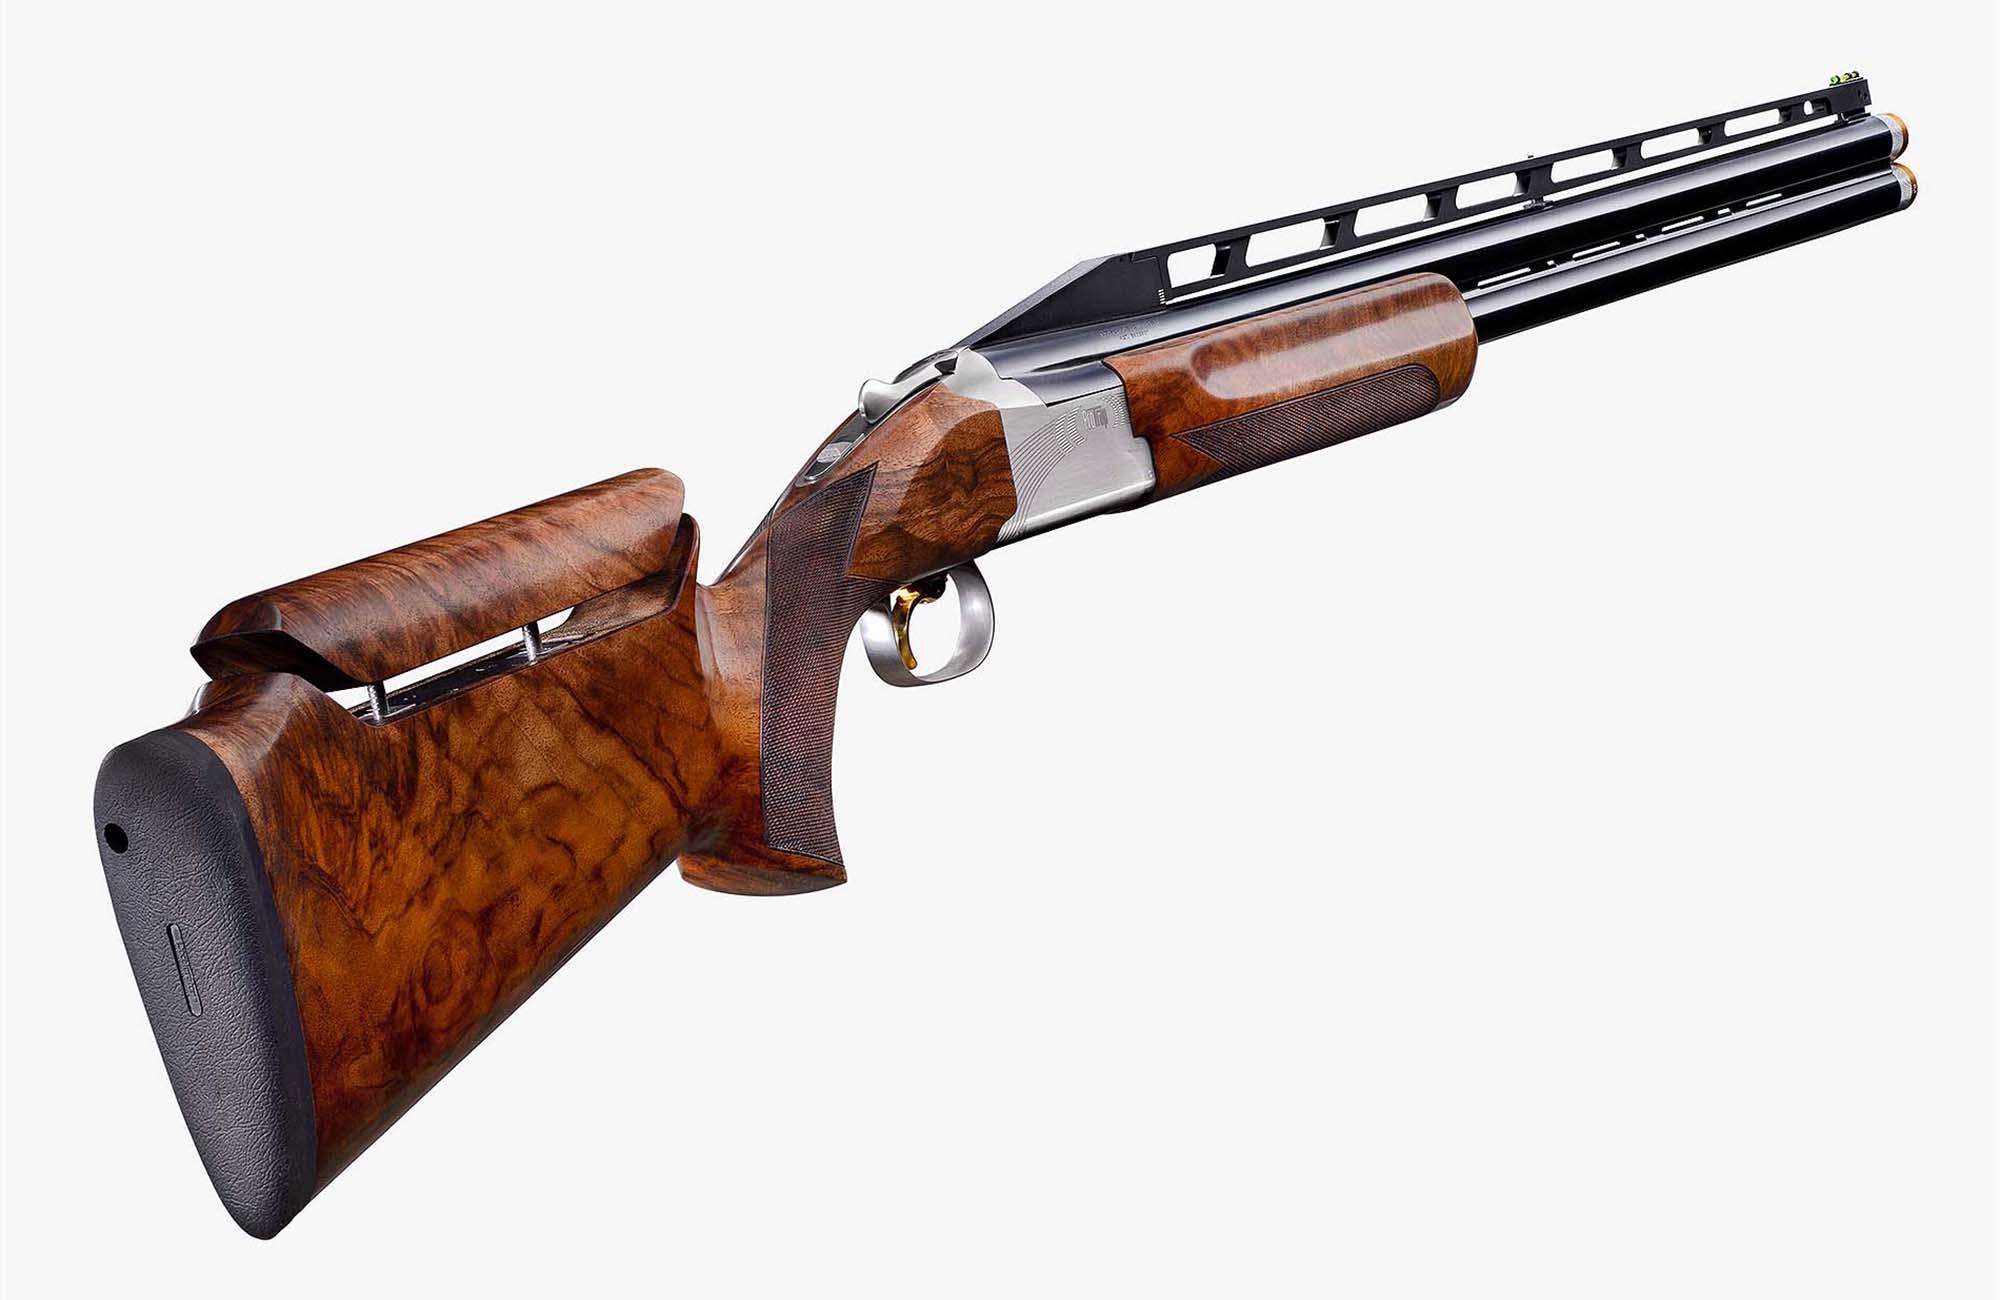 Browning B725 Pro Trap Adjustable competition shotgun   GUNSweek.com